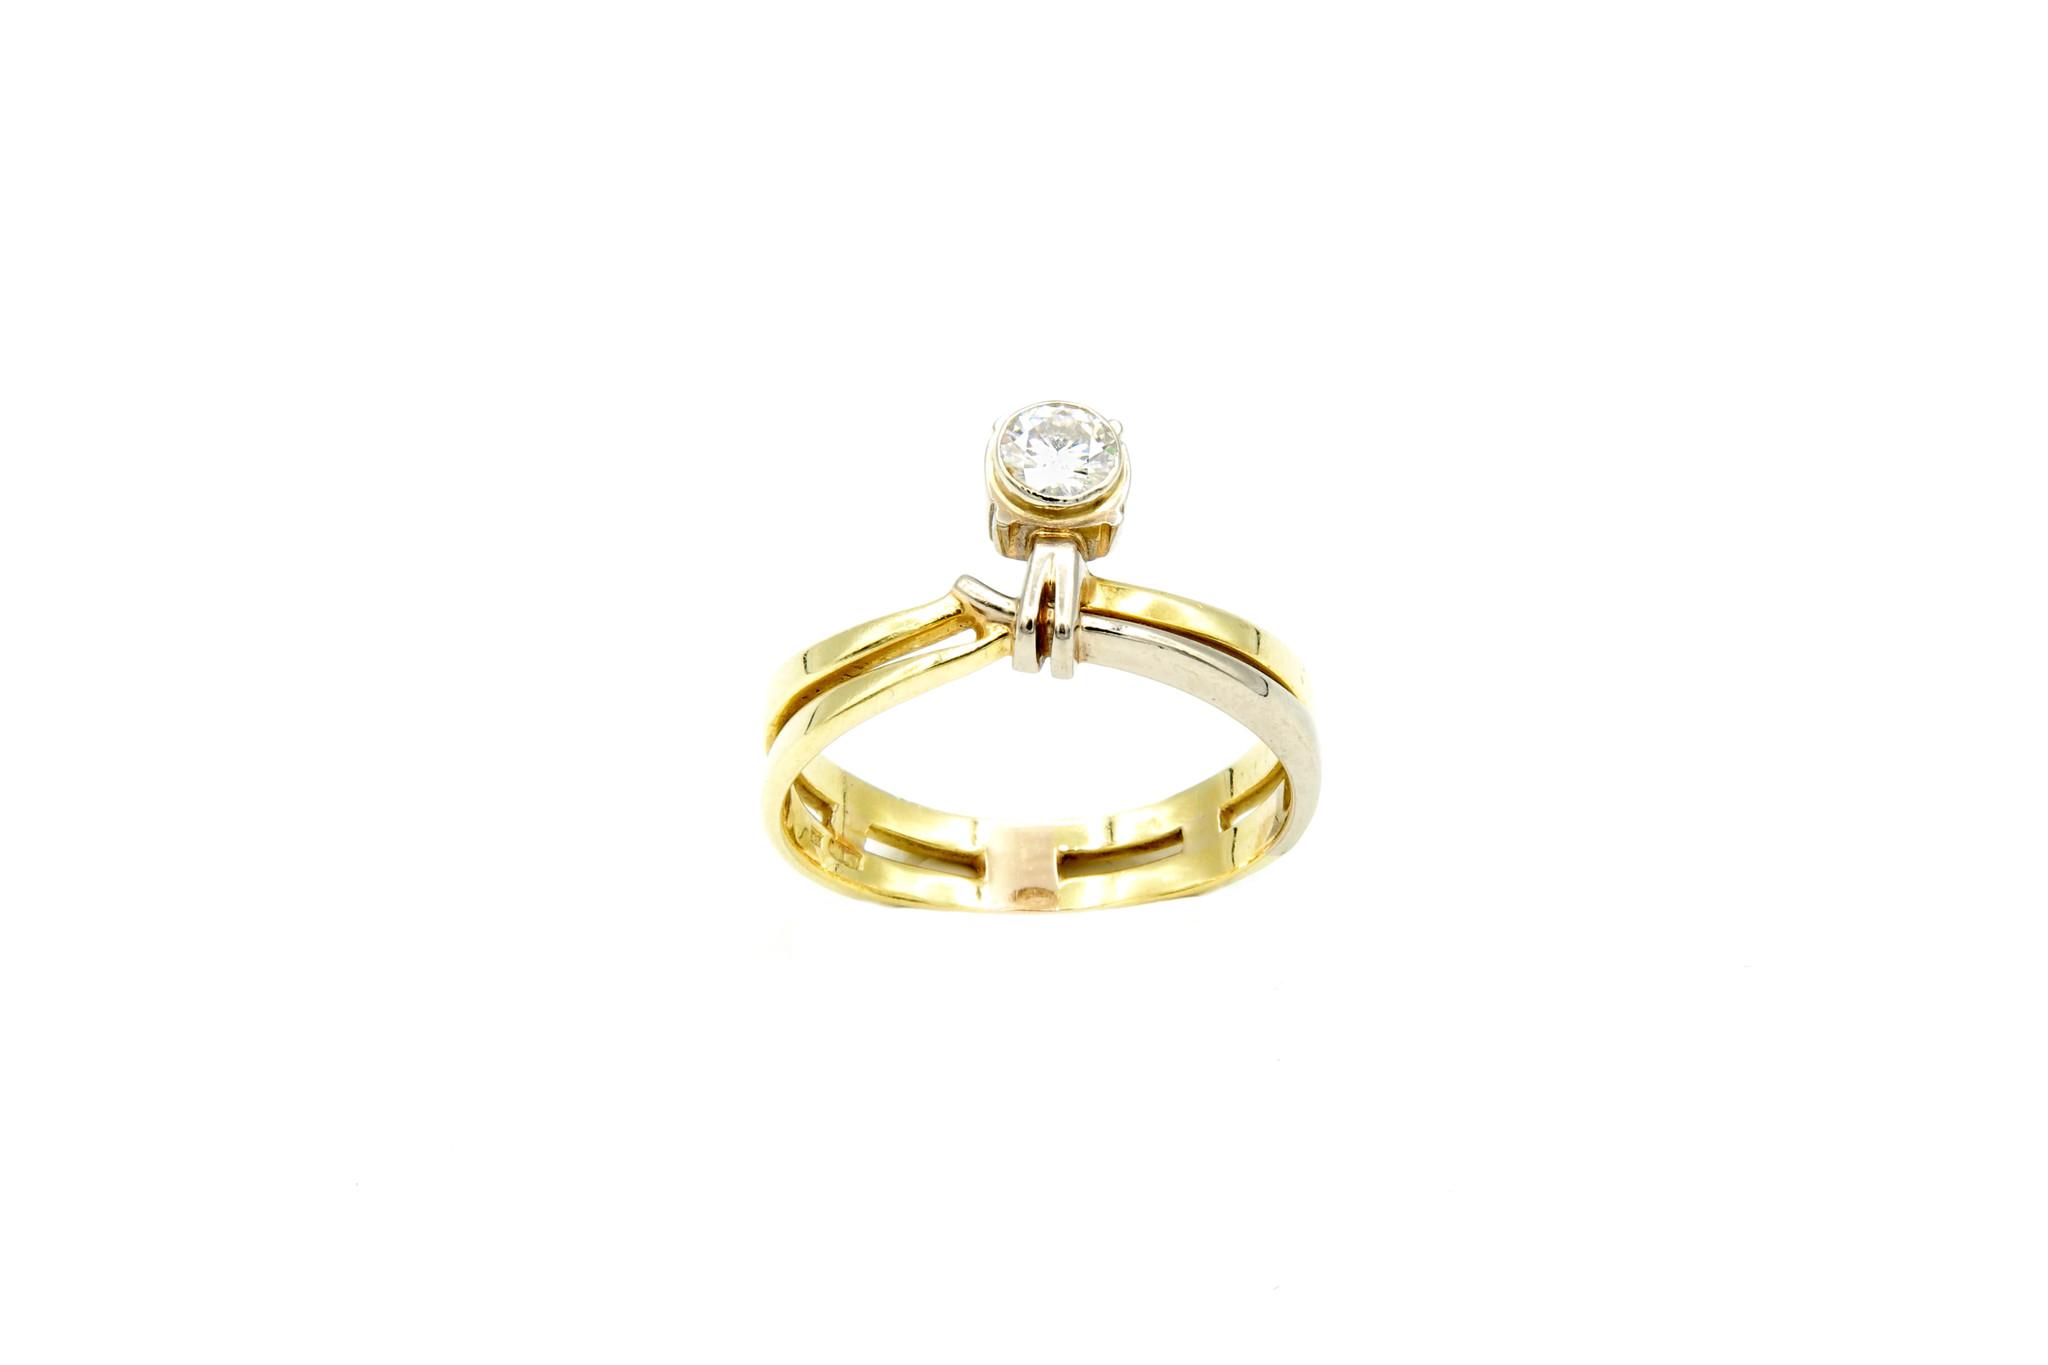 Ring verlovingsring bicolor dubbele rand met zirkonia aan de zijkant bicolor-2